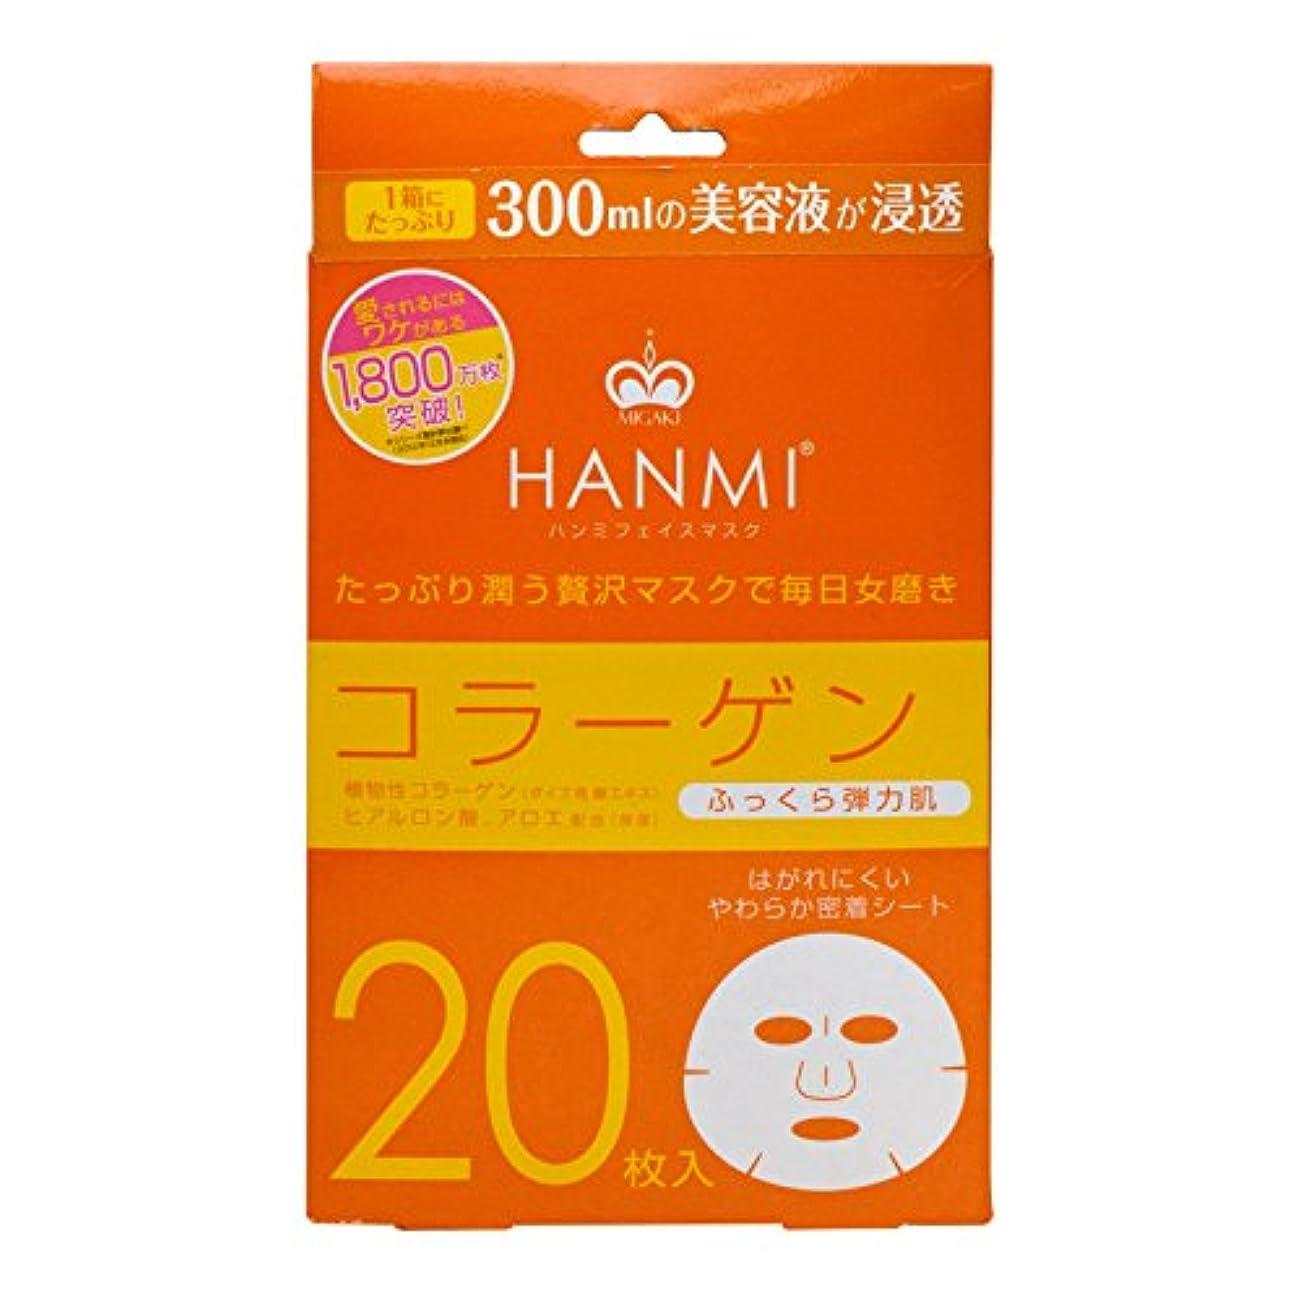 義務水素ケーブルカーMIGAKI ハンミフェイスマスク コラーゲン 20枚入り